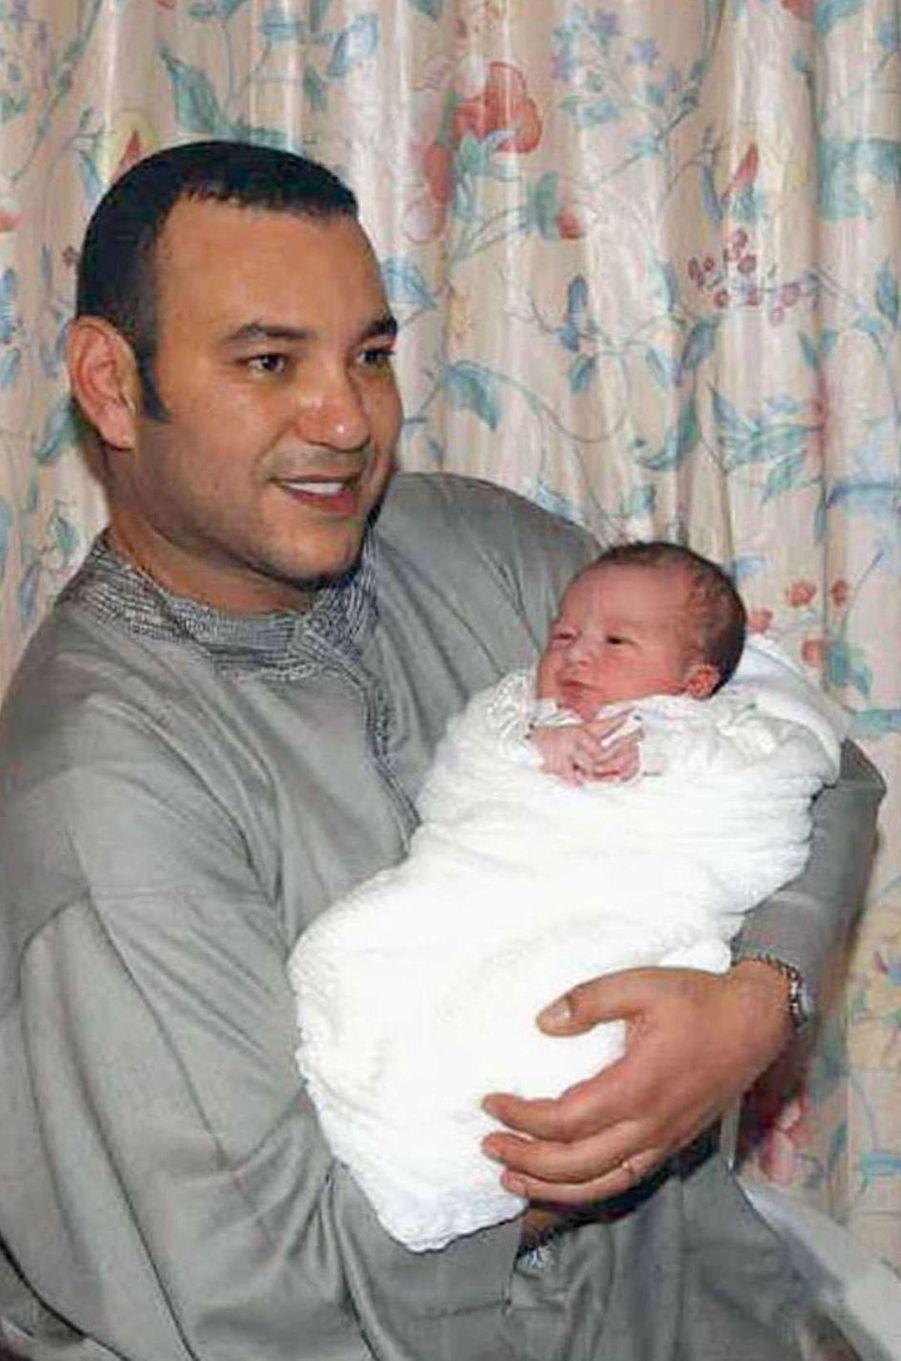 Le prince Moulay El Hassan du Maroc, le 8 mai 2003, jour de sa naissance, dans les bras de son père le roi Mohammed VI